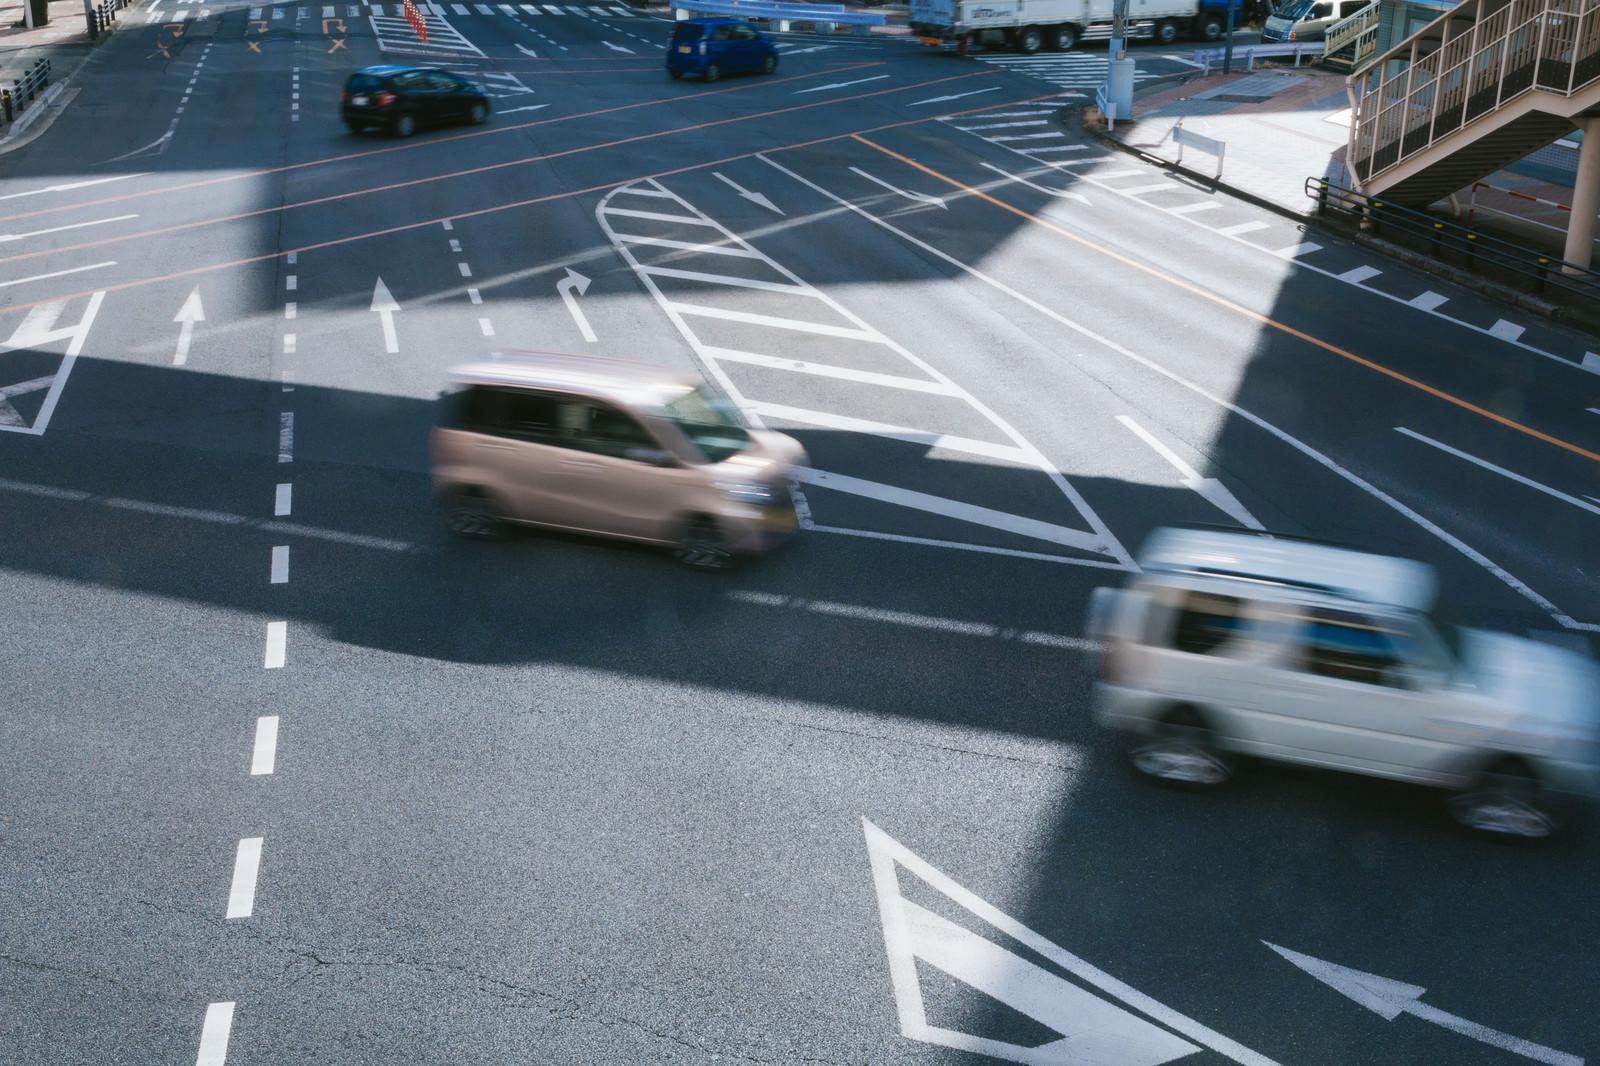 「車線が複雑な道路車線が複雑な道路」のフリー写真素材を拡大